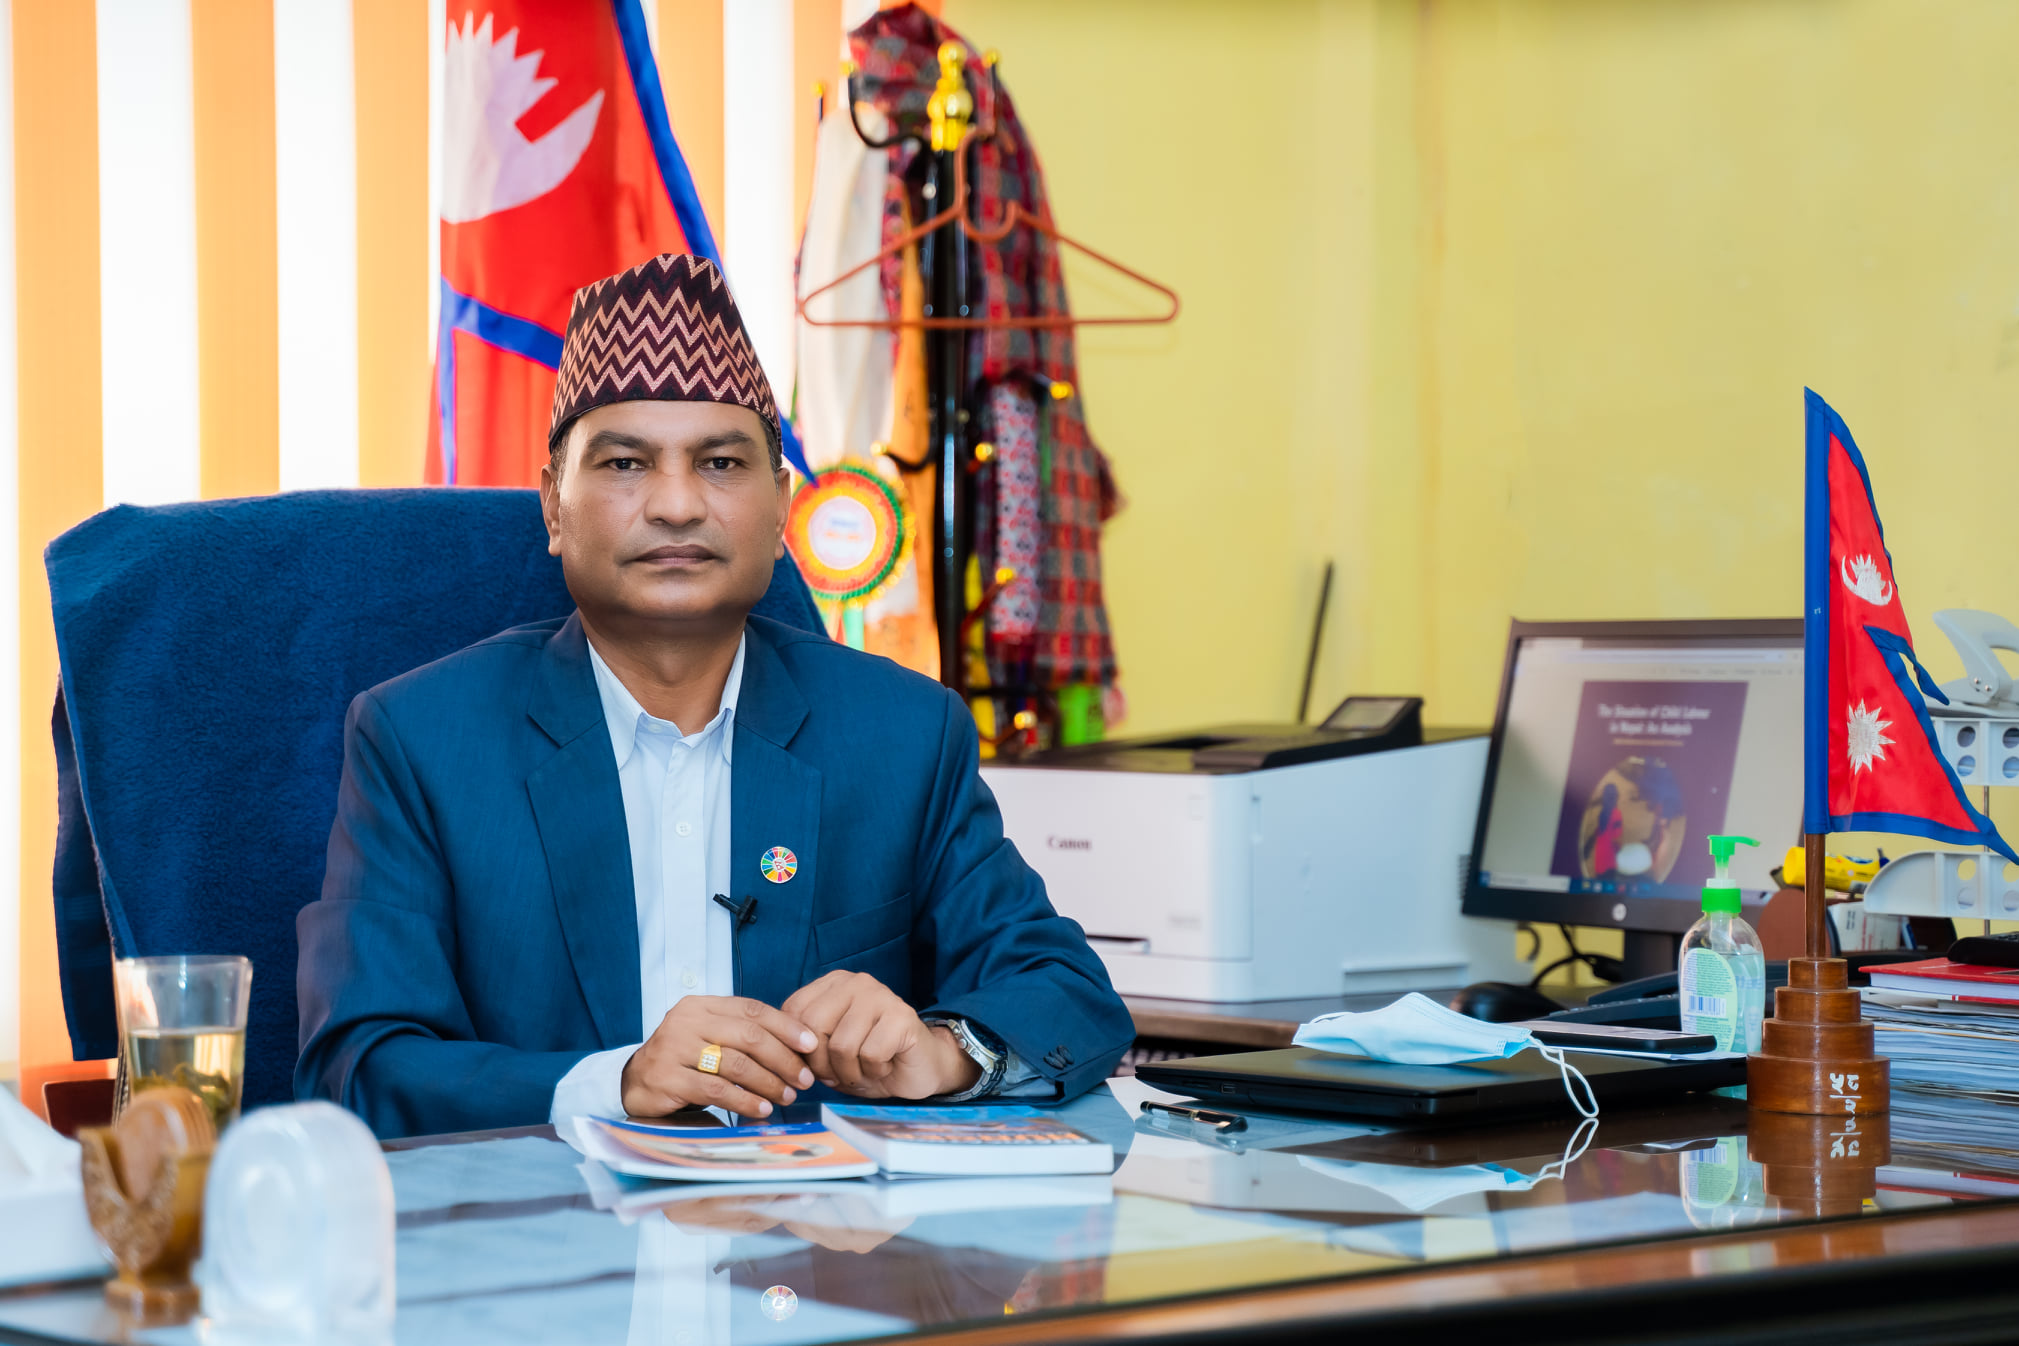 दलित समुदायबाट नेपाल सरकारकाे पहिलो सचिवकाे निजामति यात्रा : ३५ वर्षमा के गरे ?